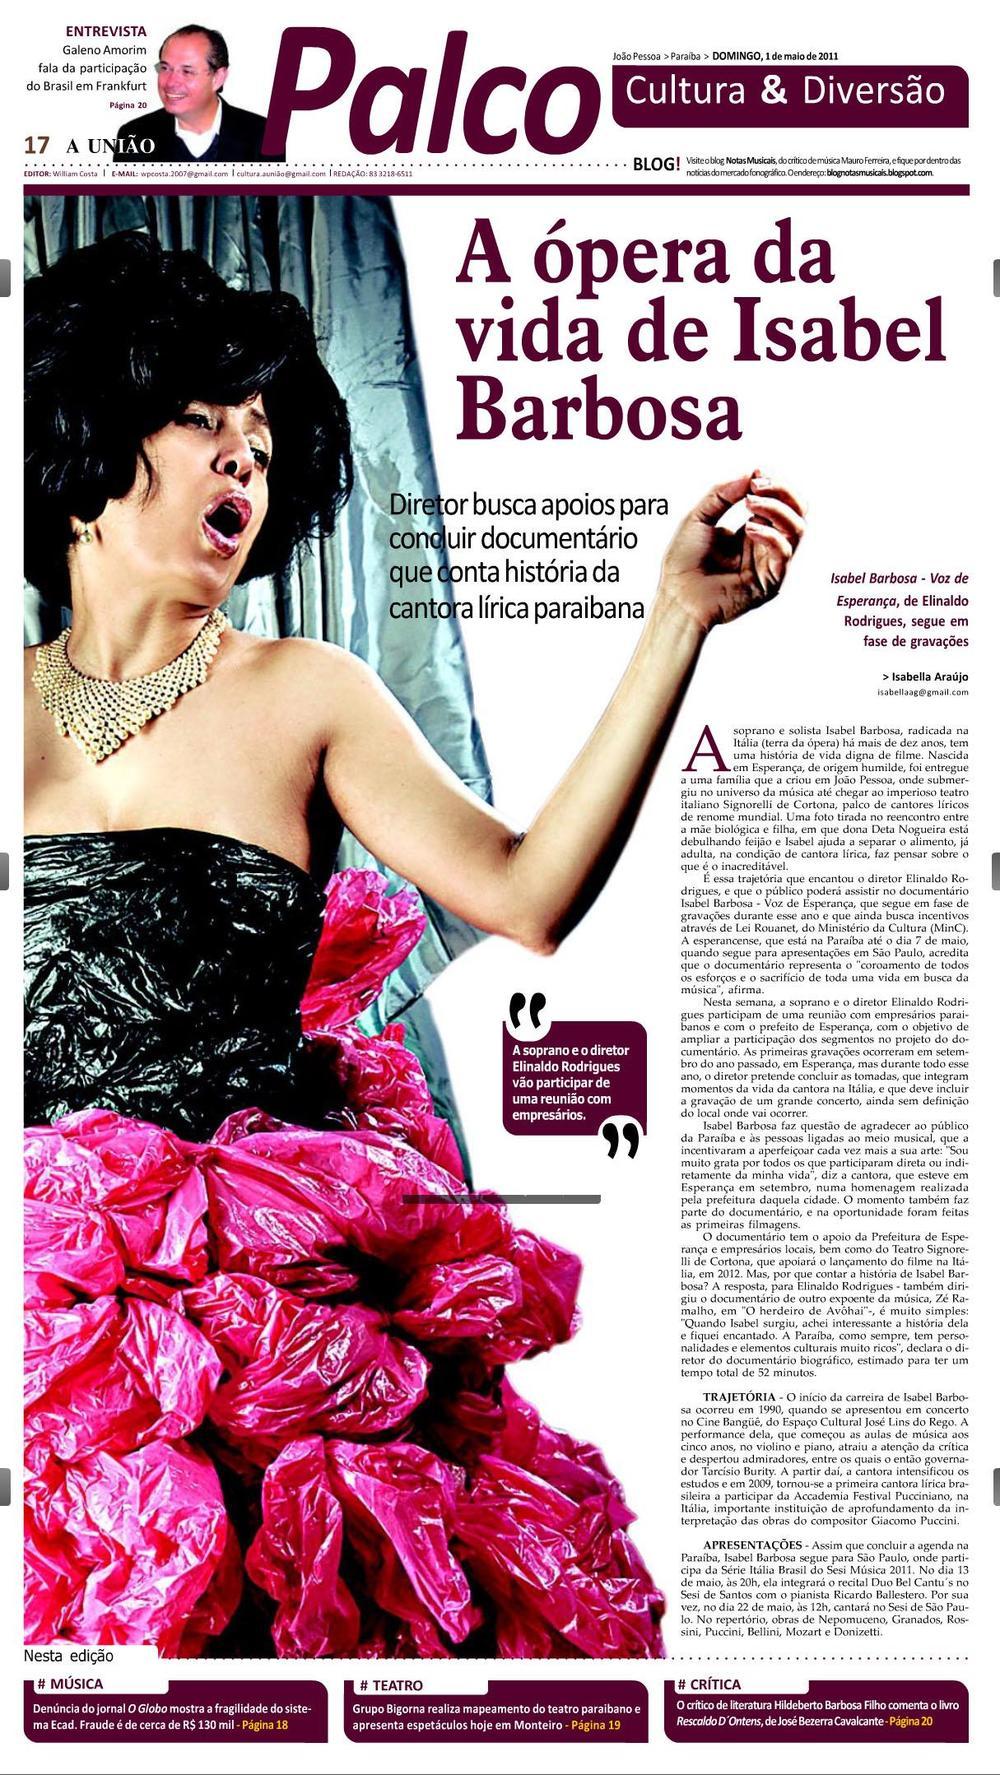 a_uniao__a_opera_da_vida_de_isabel_barbosa_copia_.jpg